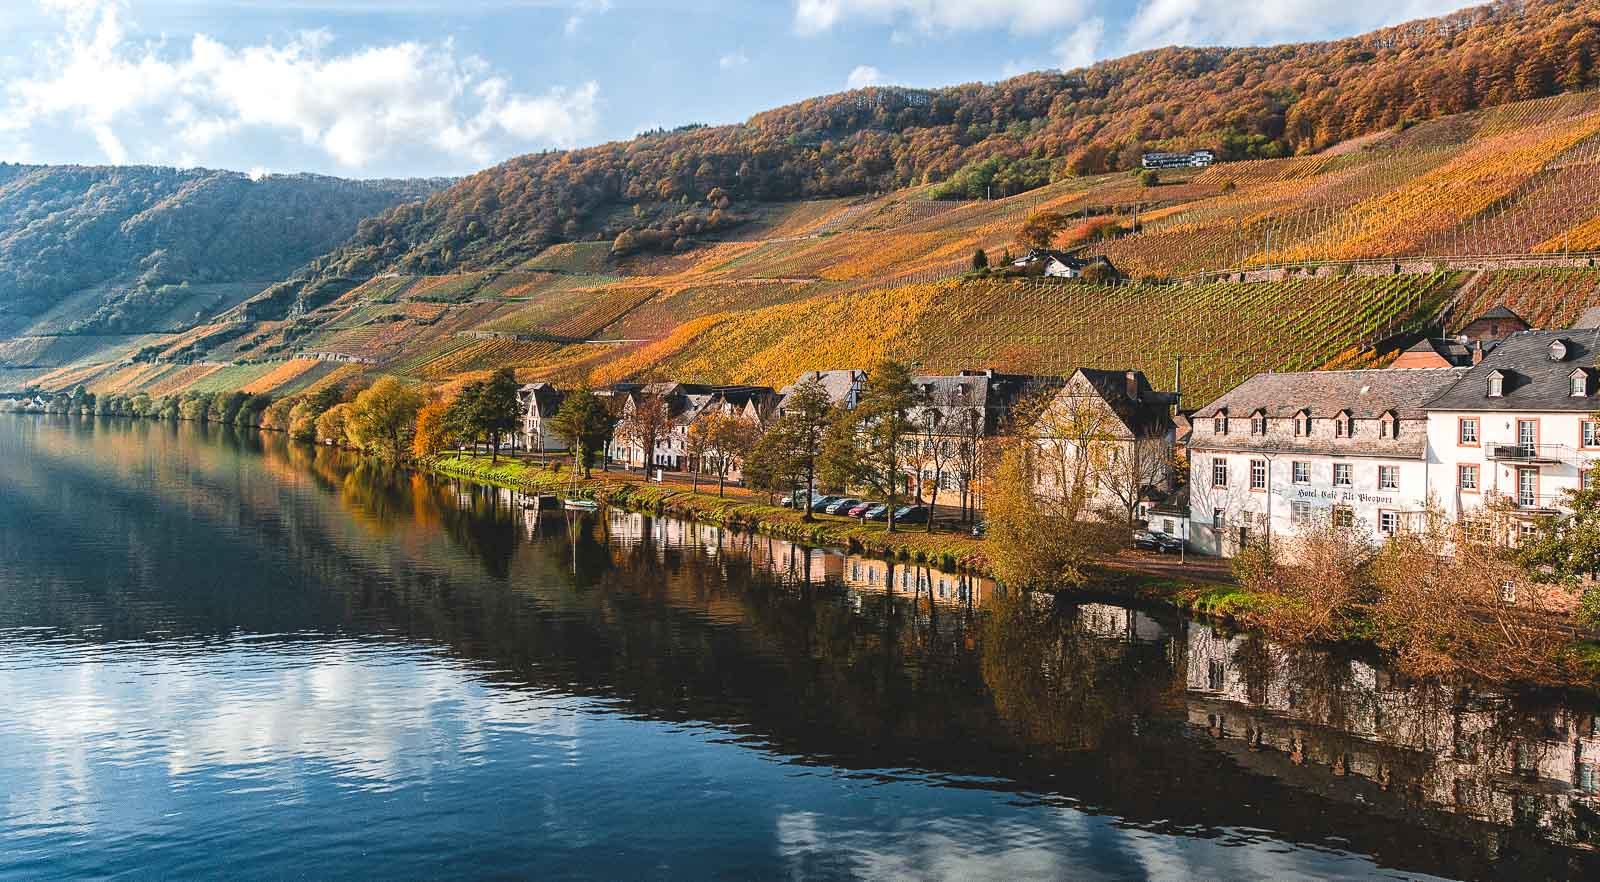 Im Herbst erstrahlen die Weinberge bei Piesport in bunter Pracht, so auch der Weinberg Piesporter Domherr an der Mittelmosel. Vorne links fließt der Fluss Mosel. Am Ufer rechts sind Bäume und Häuser. Am blauen Himmel sind Wolken.